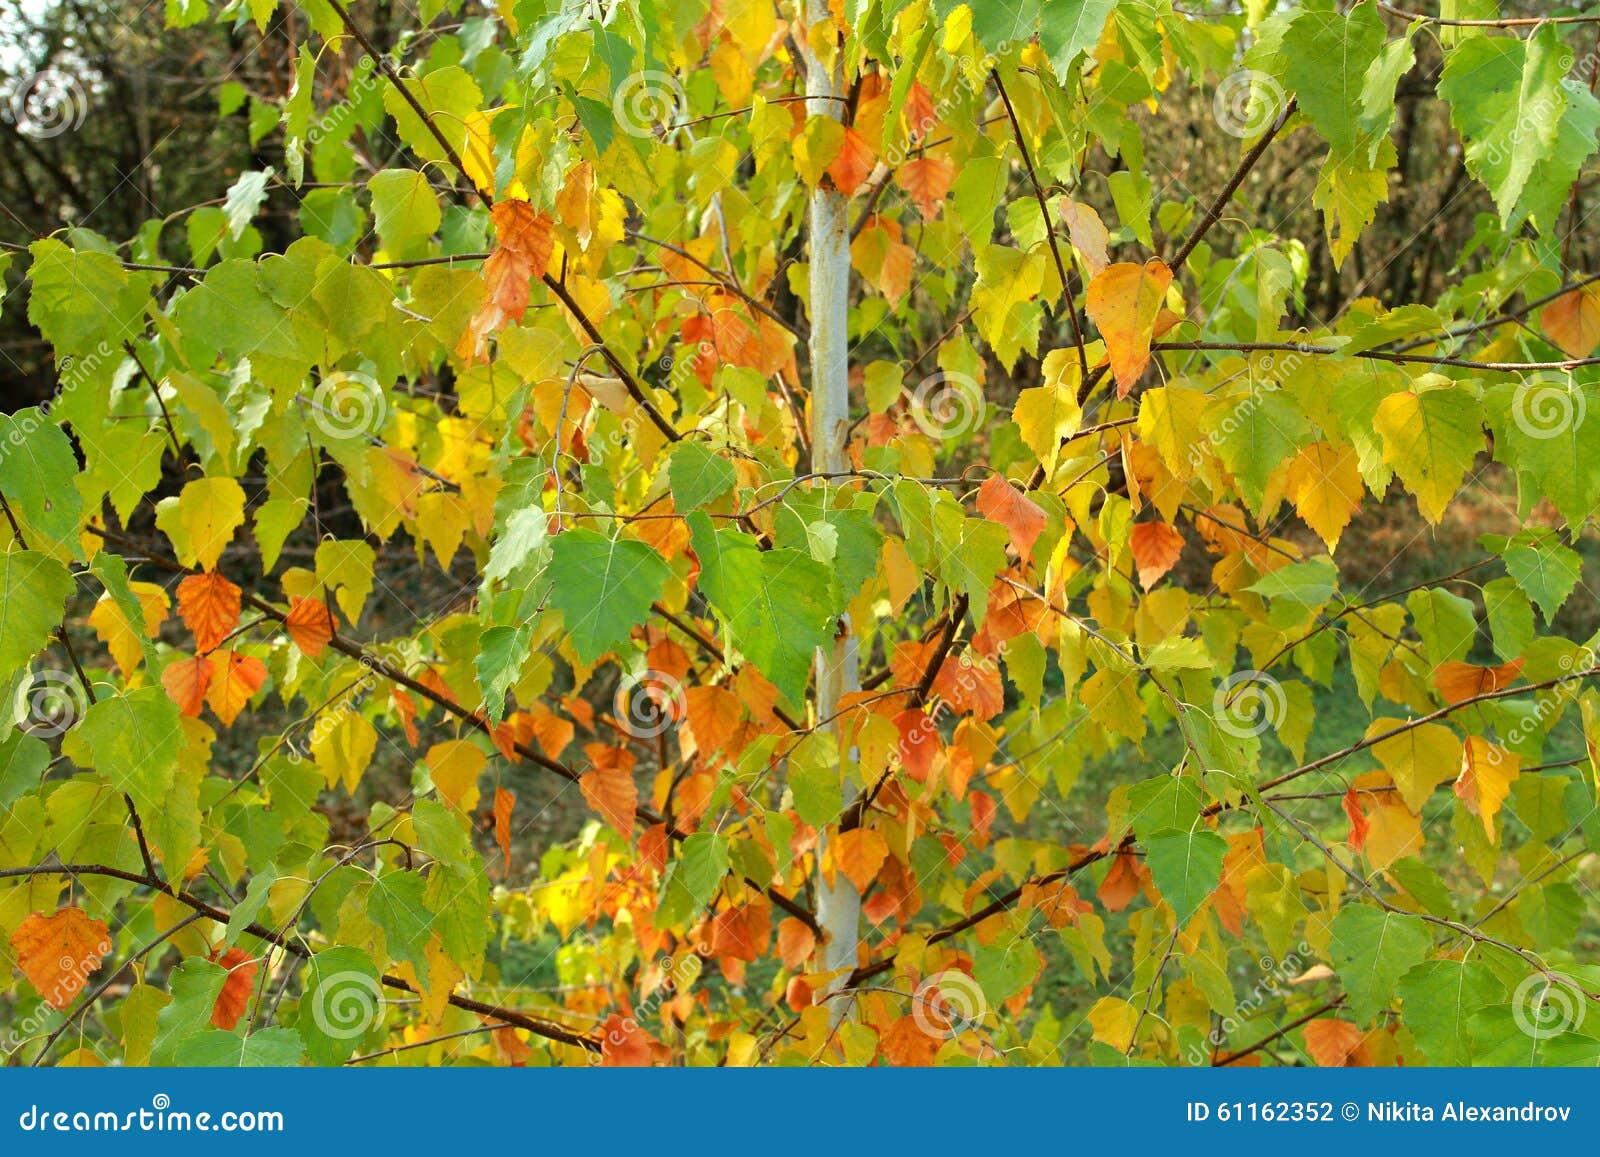 Cuisiner les feuilles de betteraves rouges maison design - Cuisiner des betteraves rouges ...